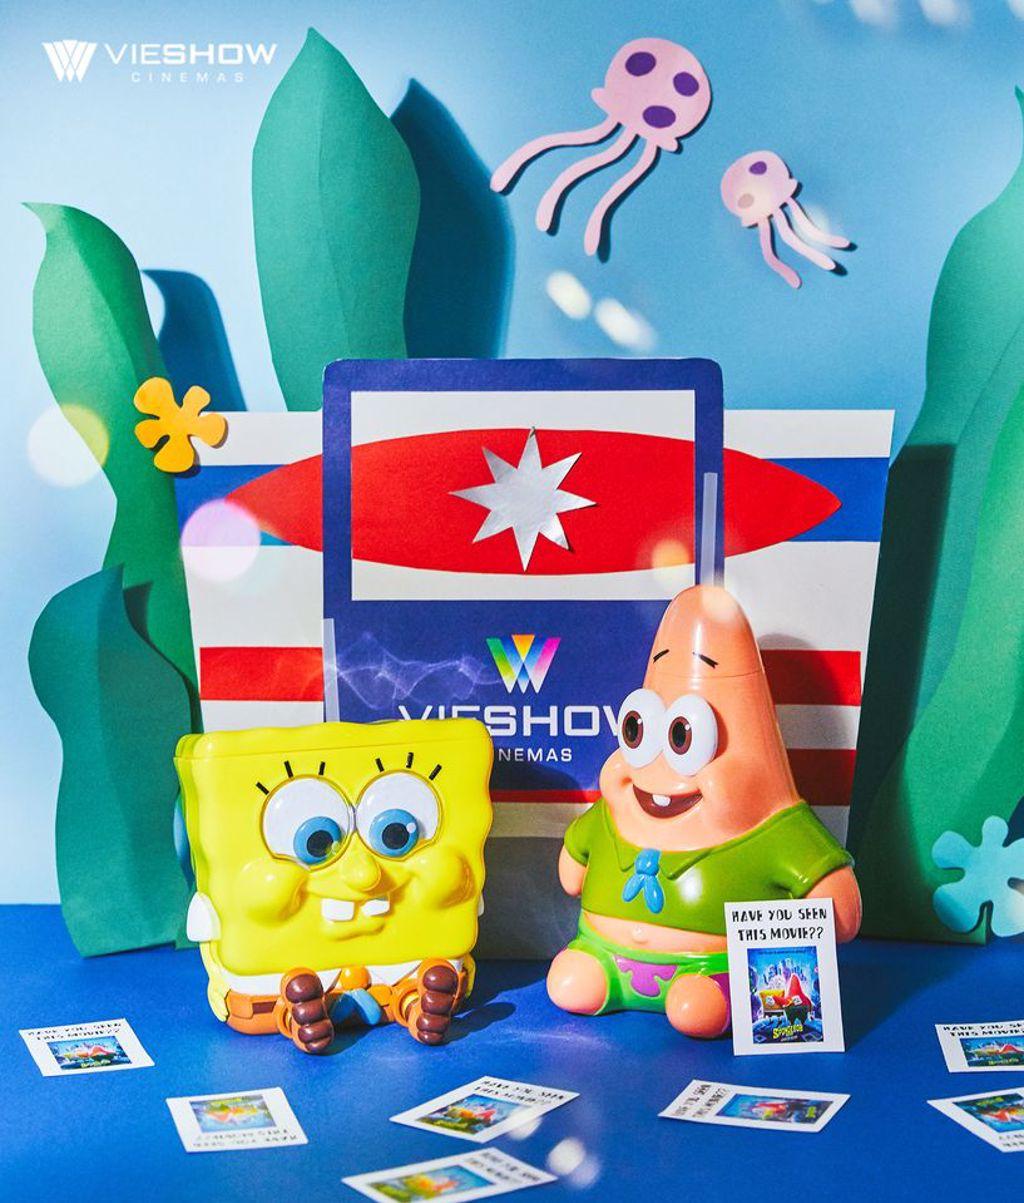 看電影有超萌海綿寶寶與派大星造型杯組可選 (圖片來源:華納威秀粉絲團)